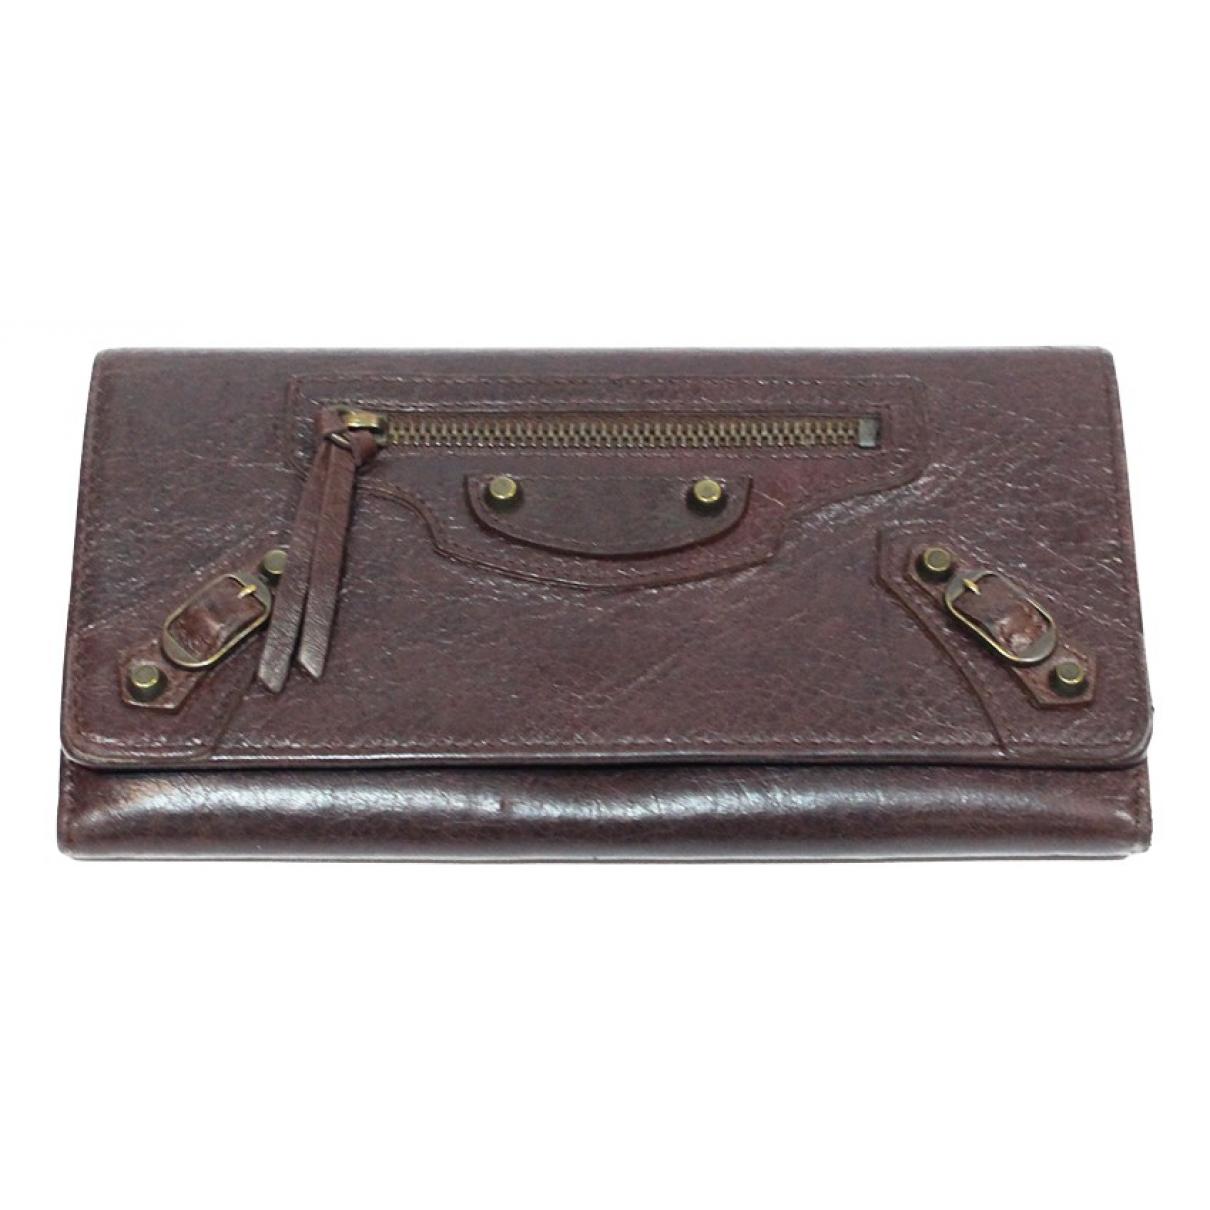 Balenciaga N Burgundy Leather wallet for Women N